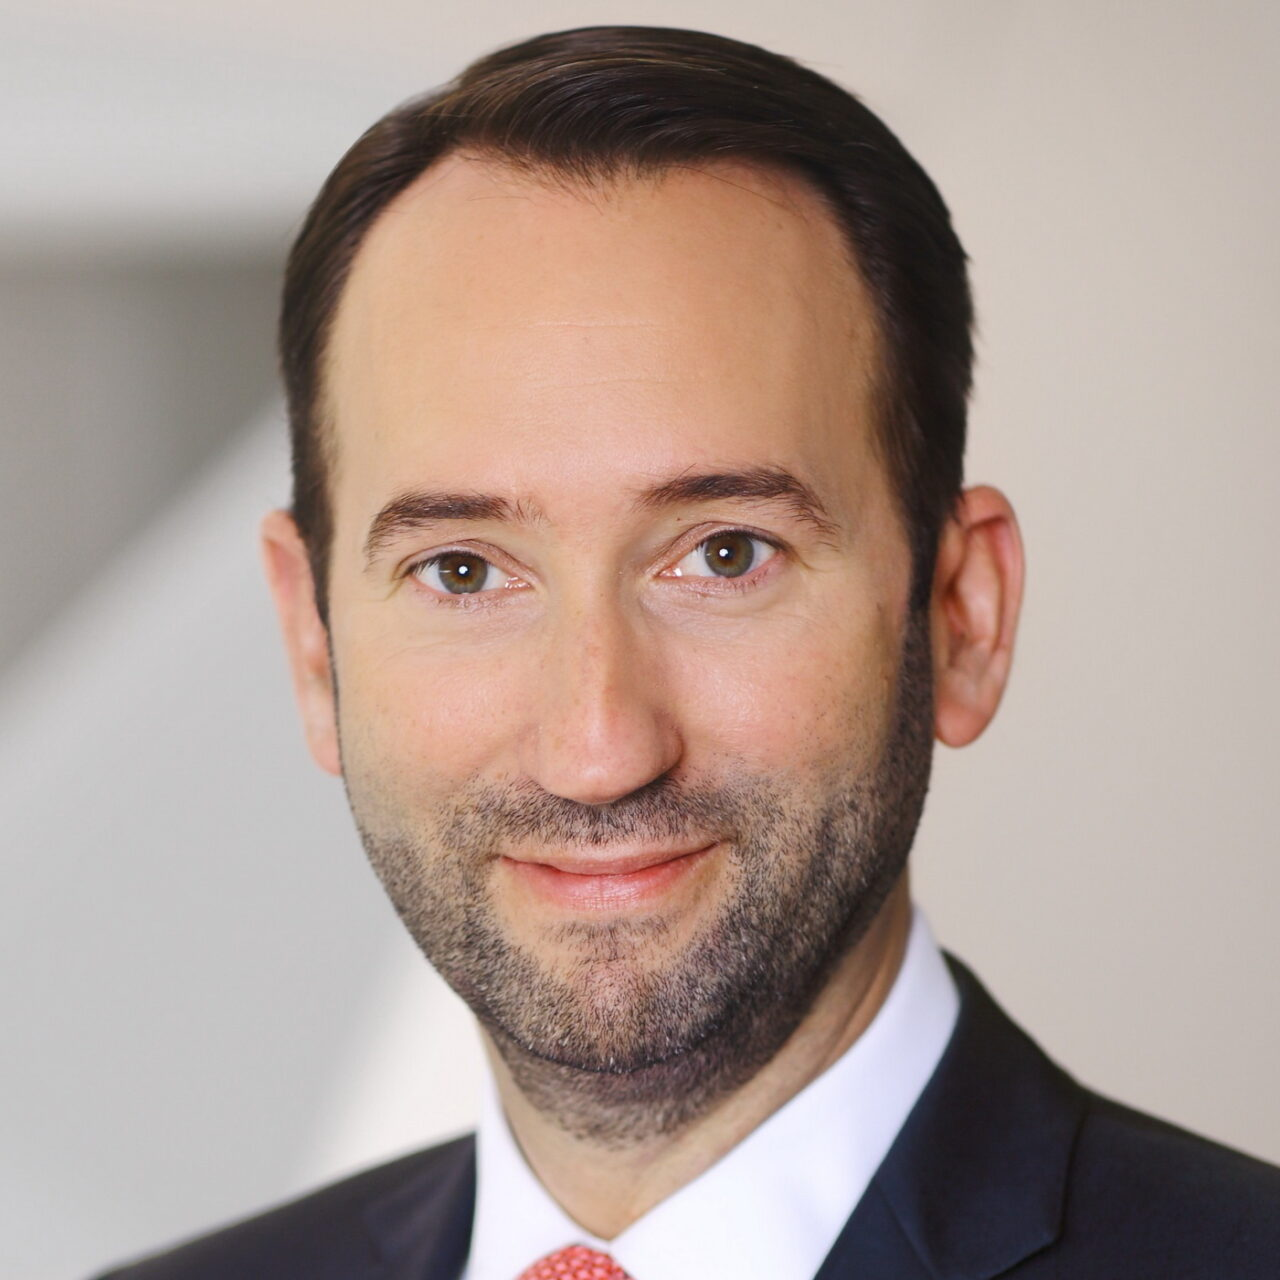 Jörg Frischholz wird neuer Vorstandsvorsitzender der NORD/LB